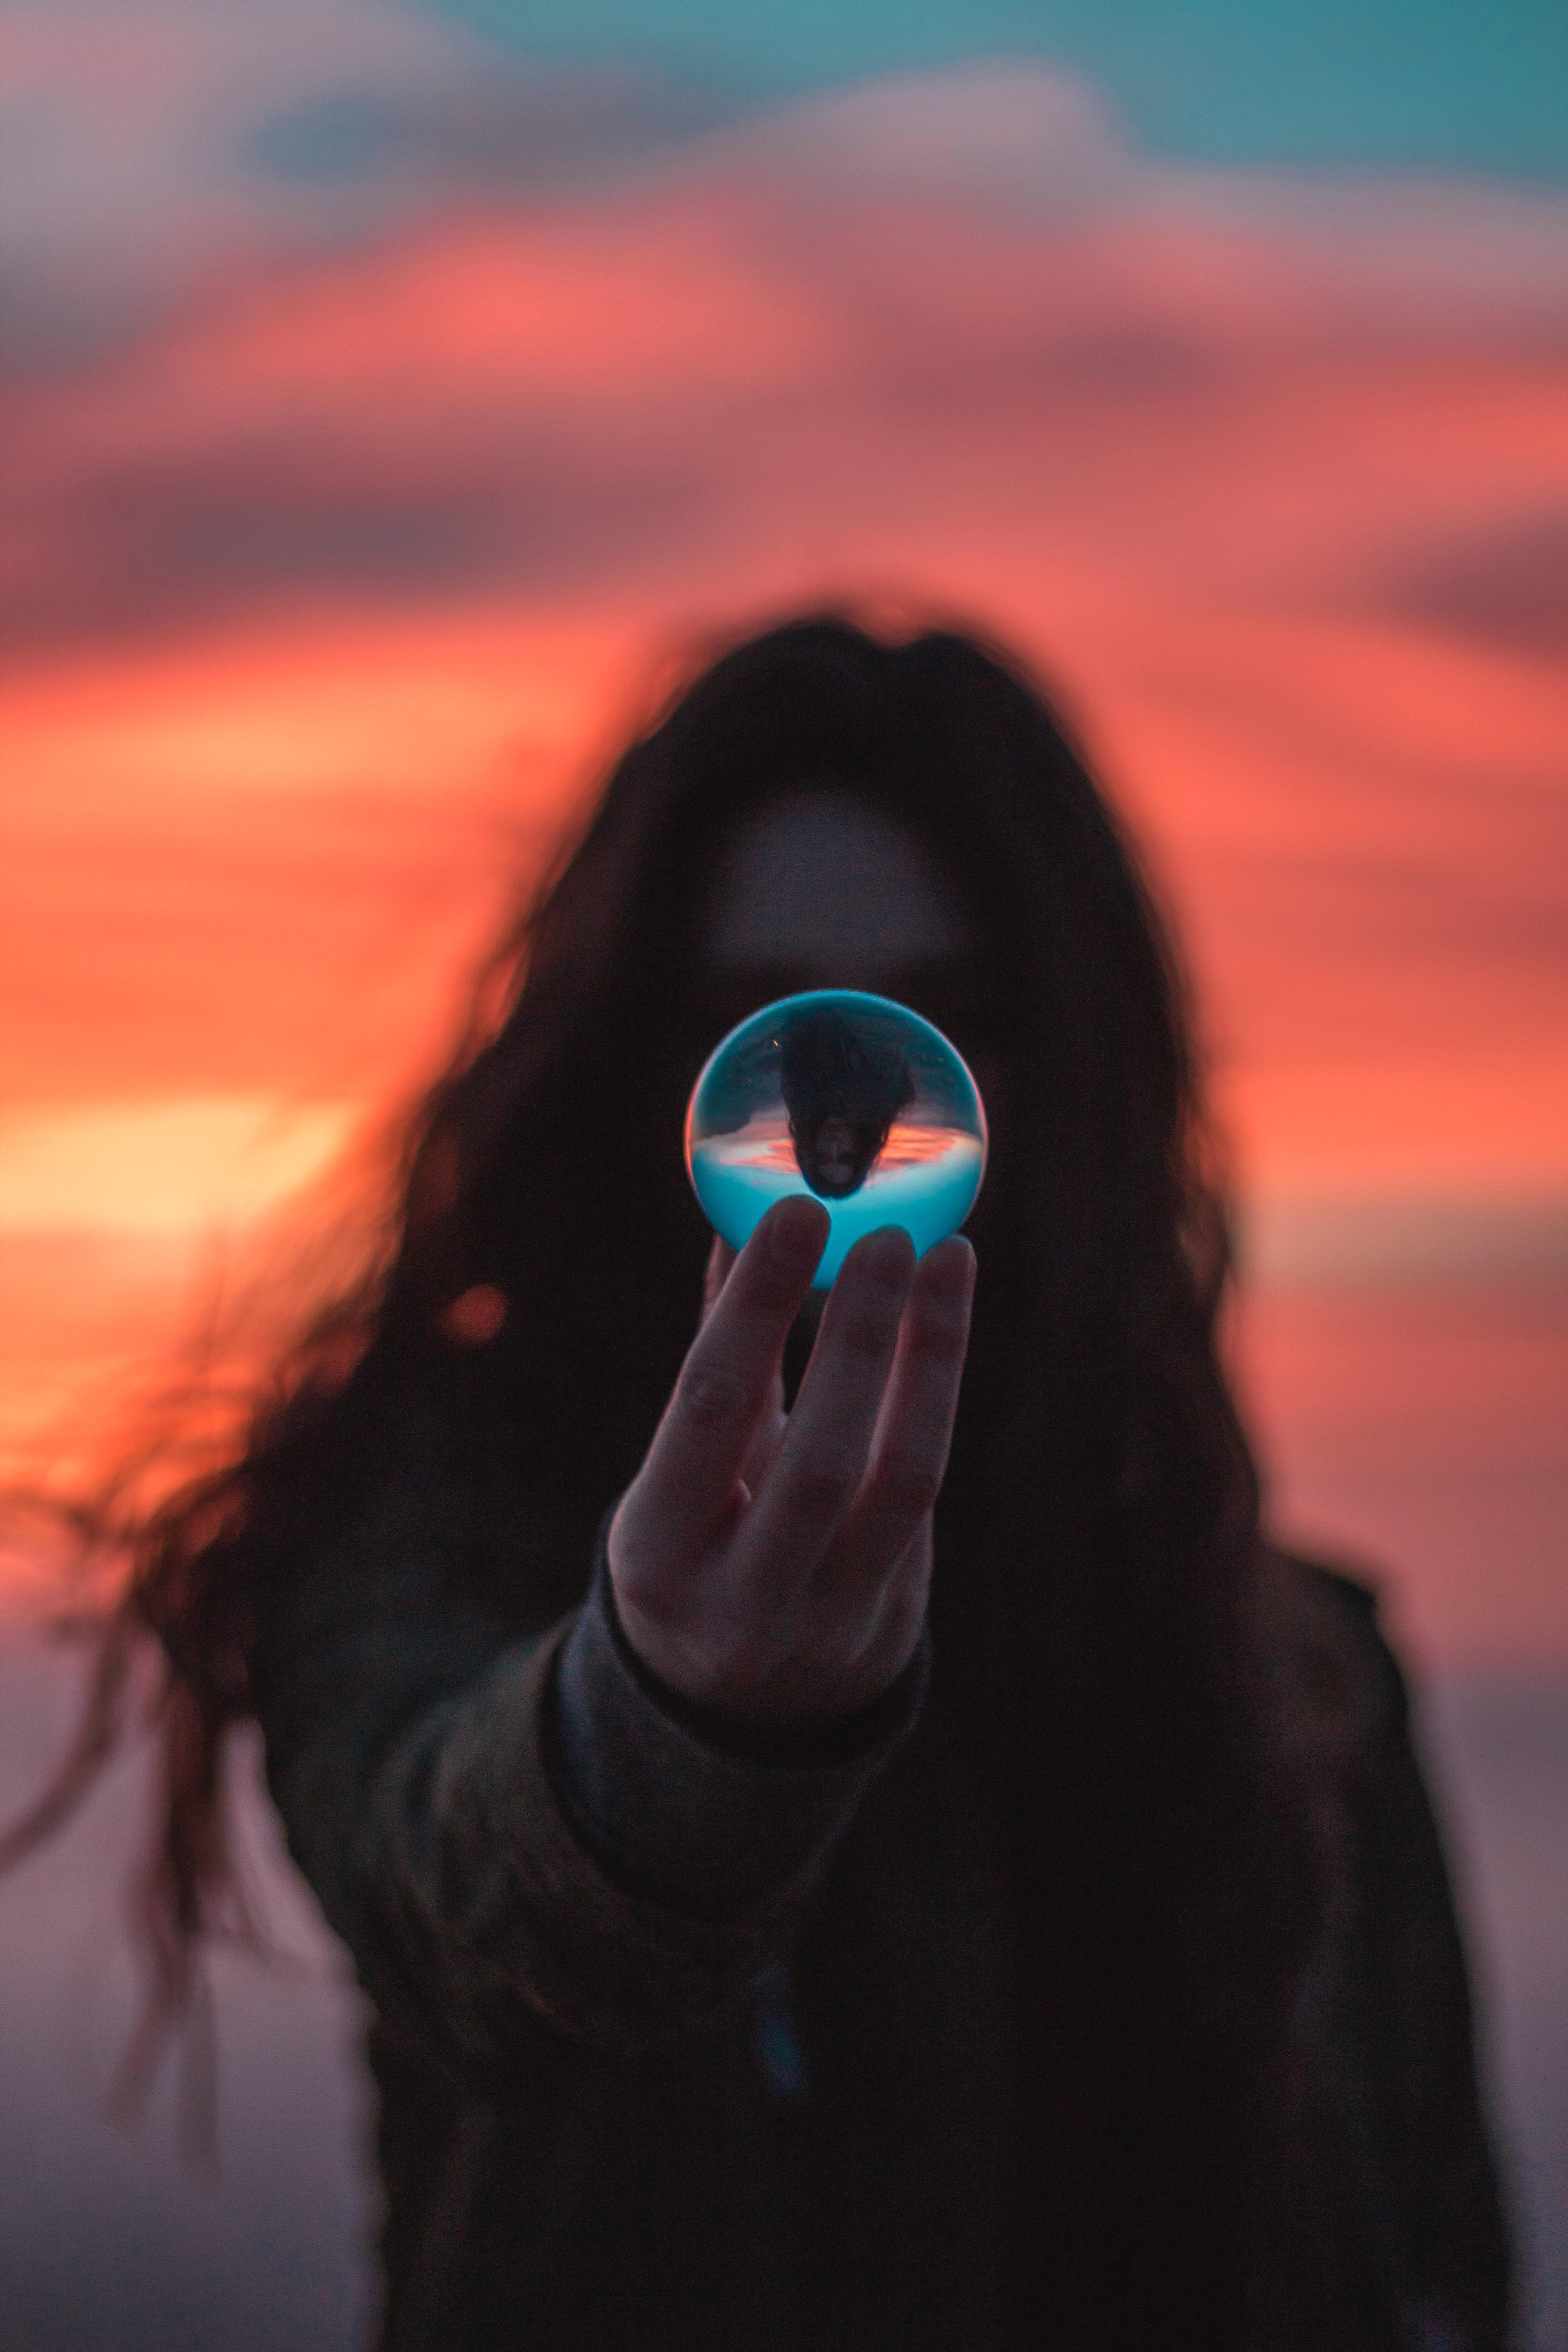 spirituel cristal - Comment répondre à tes besoins contribue à ton bien-être